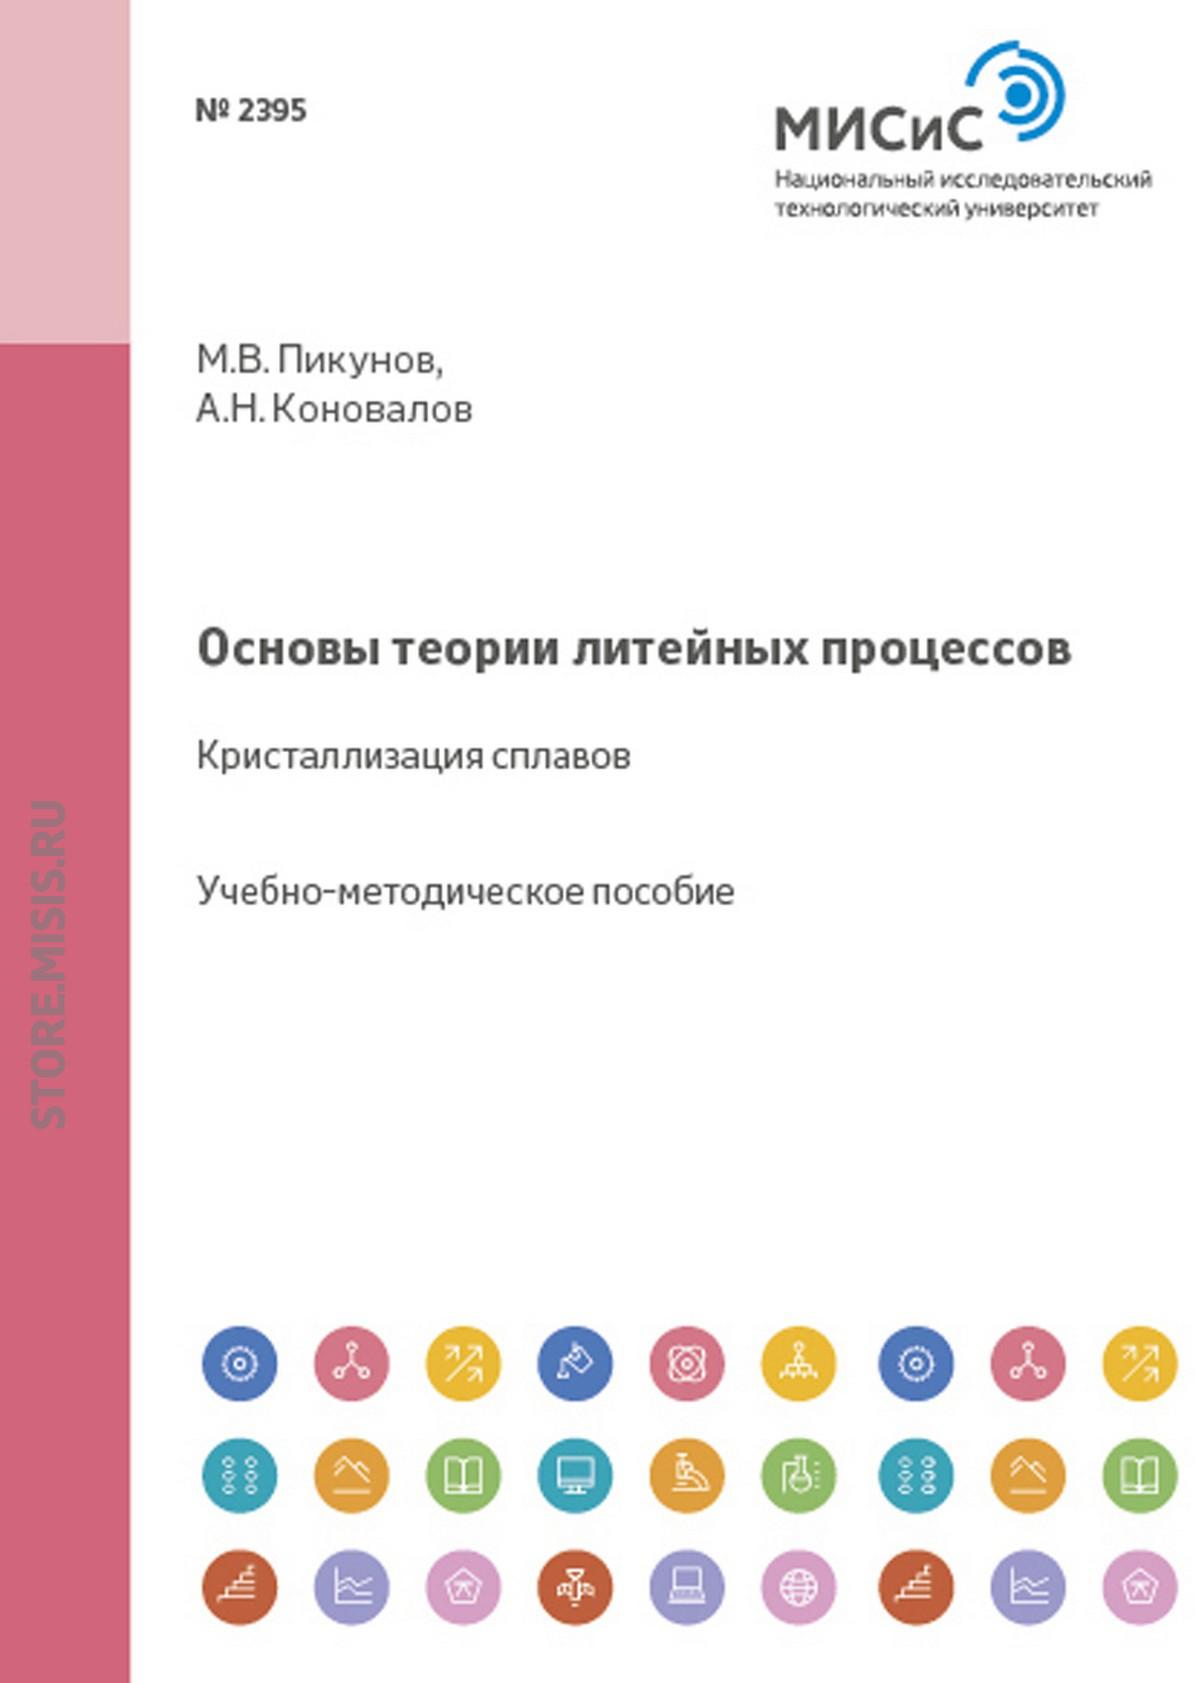 Алексей Коновалов Основы теории литейных процессов. Кристаллизация сплавов